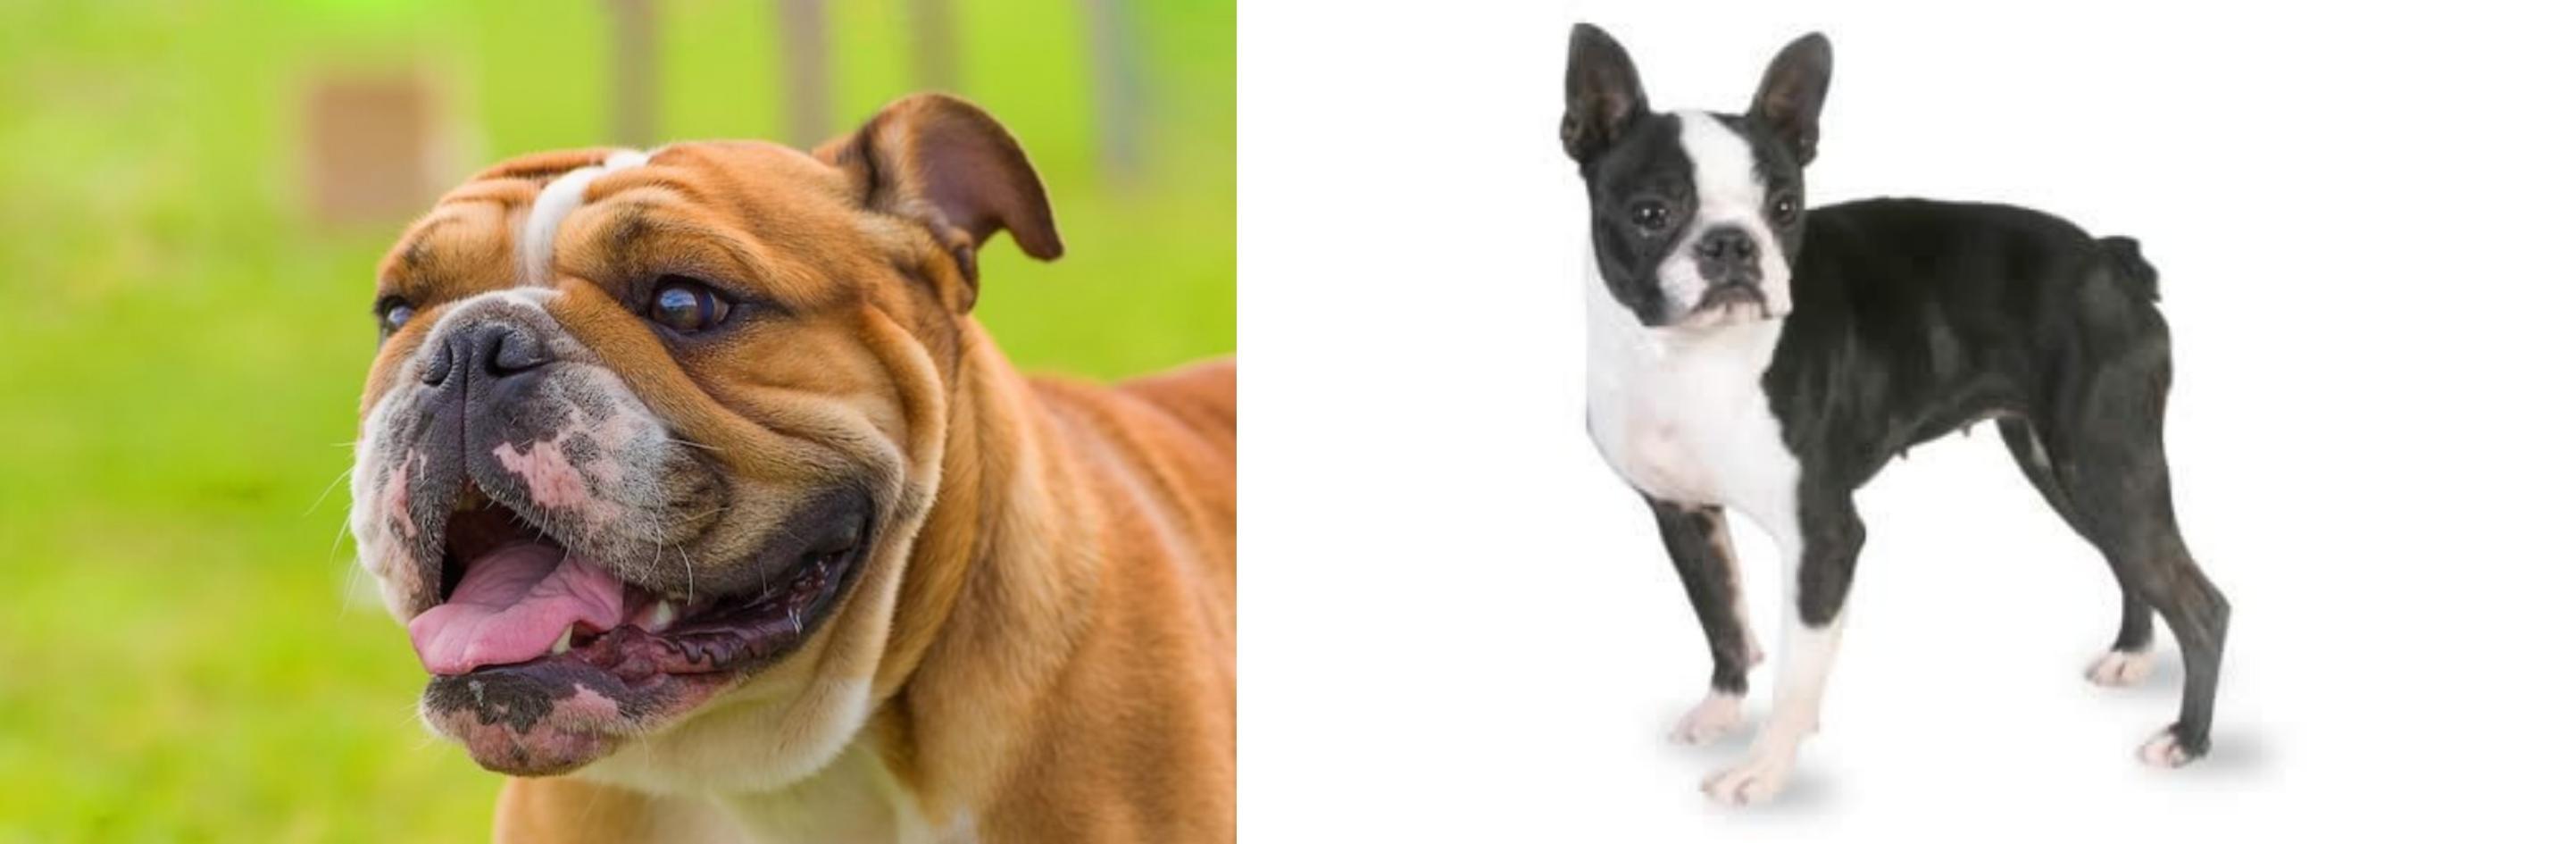 Miniature English Bulldog vs Boston Terrier - Breed Comparison